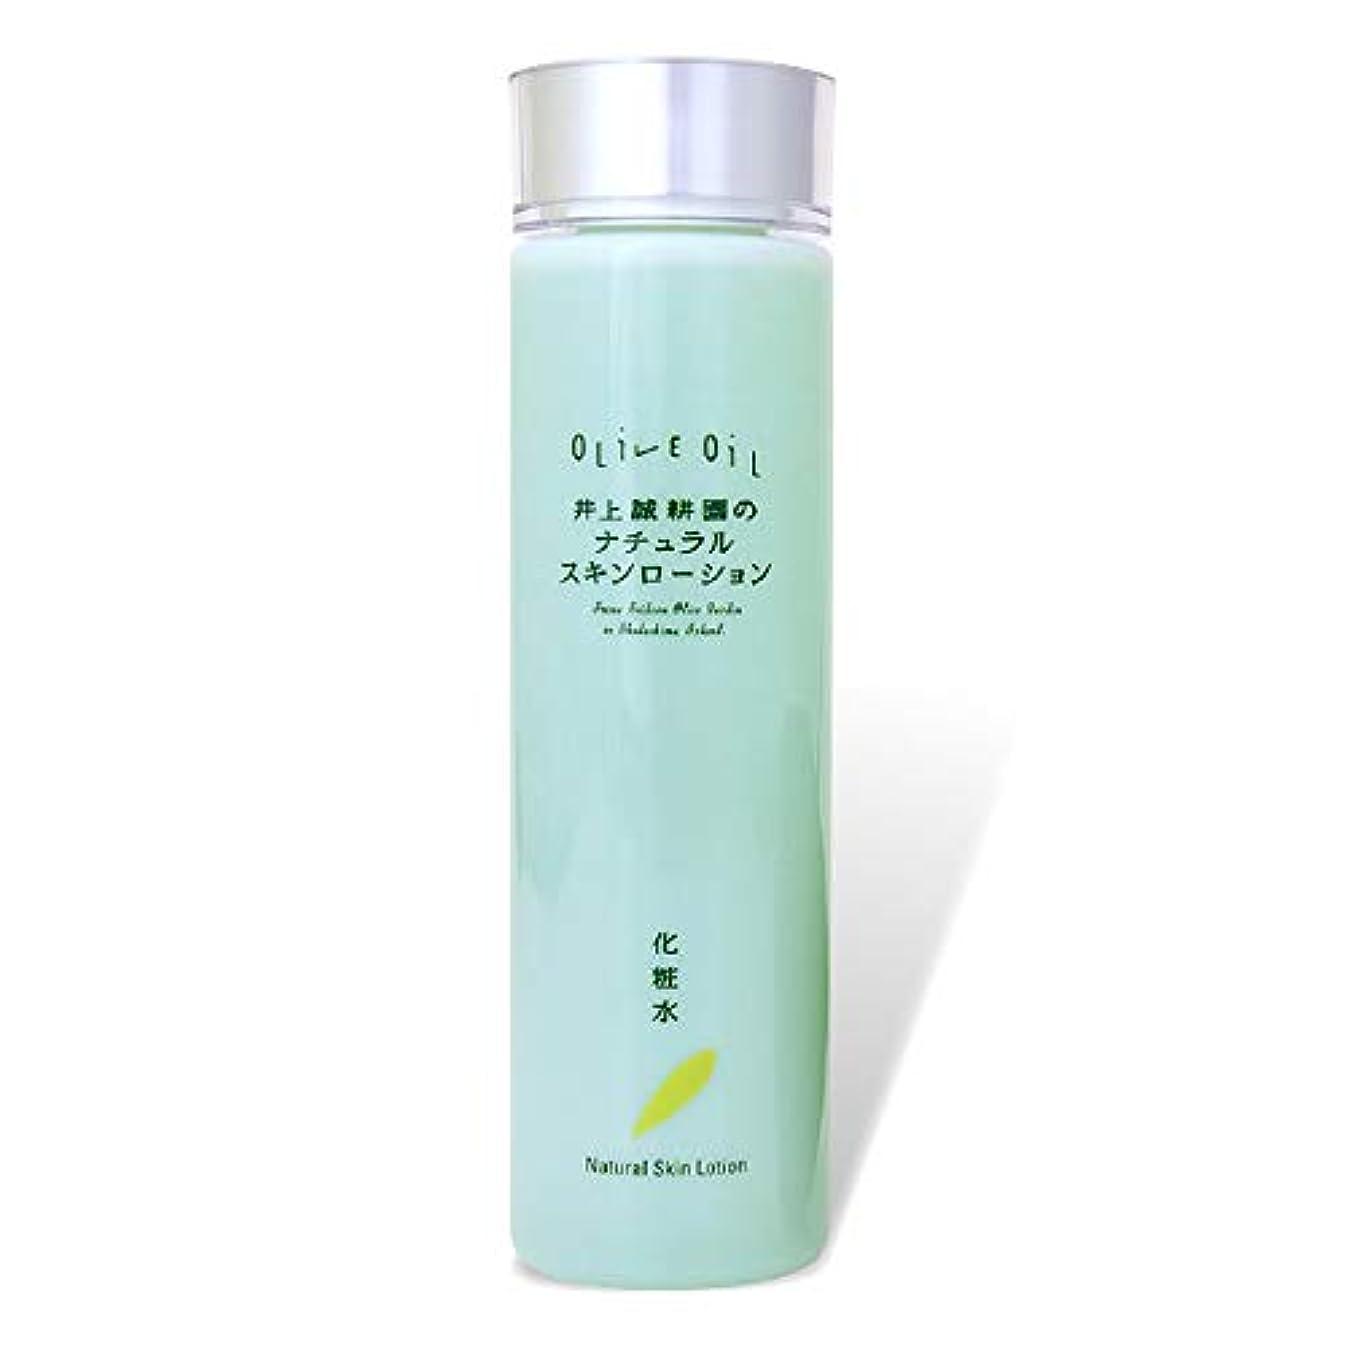 リスキーな帰するルート井上誠耕園 オリーブ化粧水(ナチュラルスキンローション)150mL ×2本